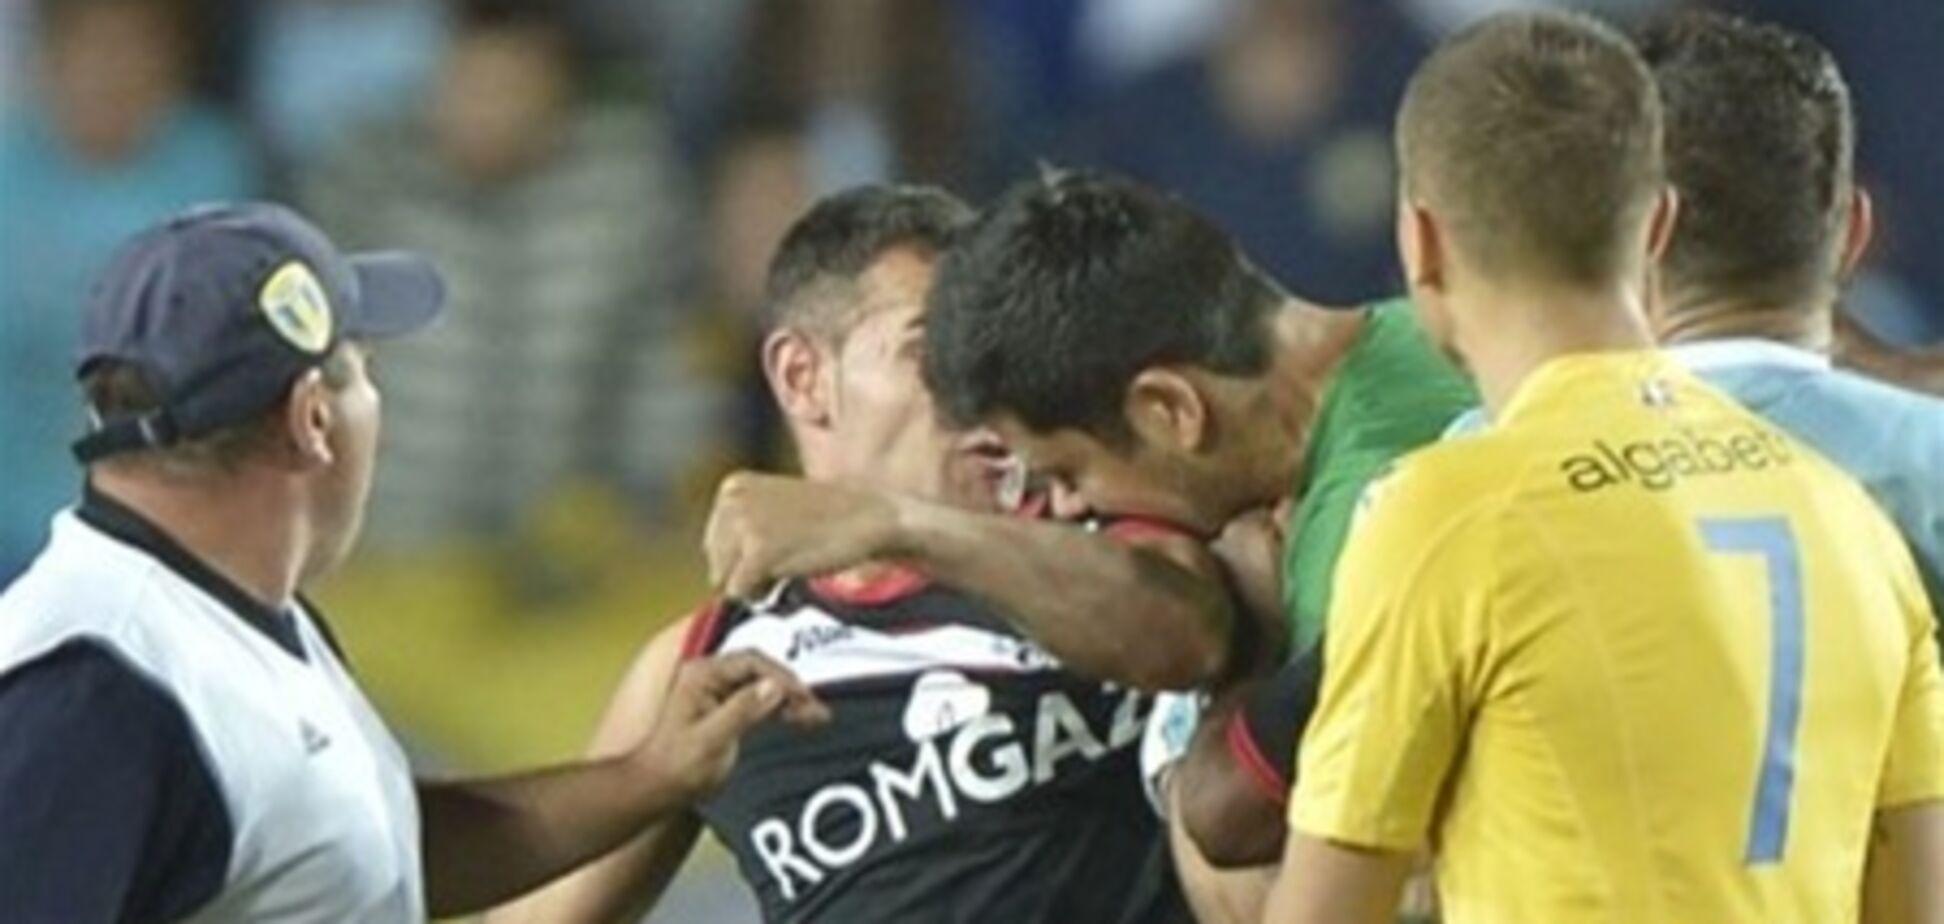 В Румынии вратарь футбольной команды укусил соперника. Видео